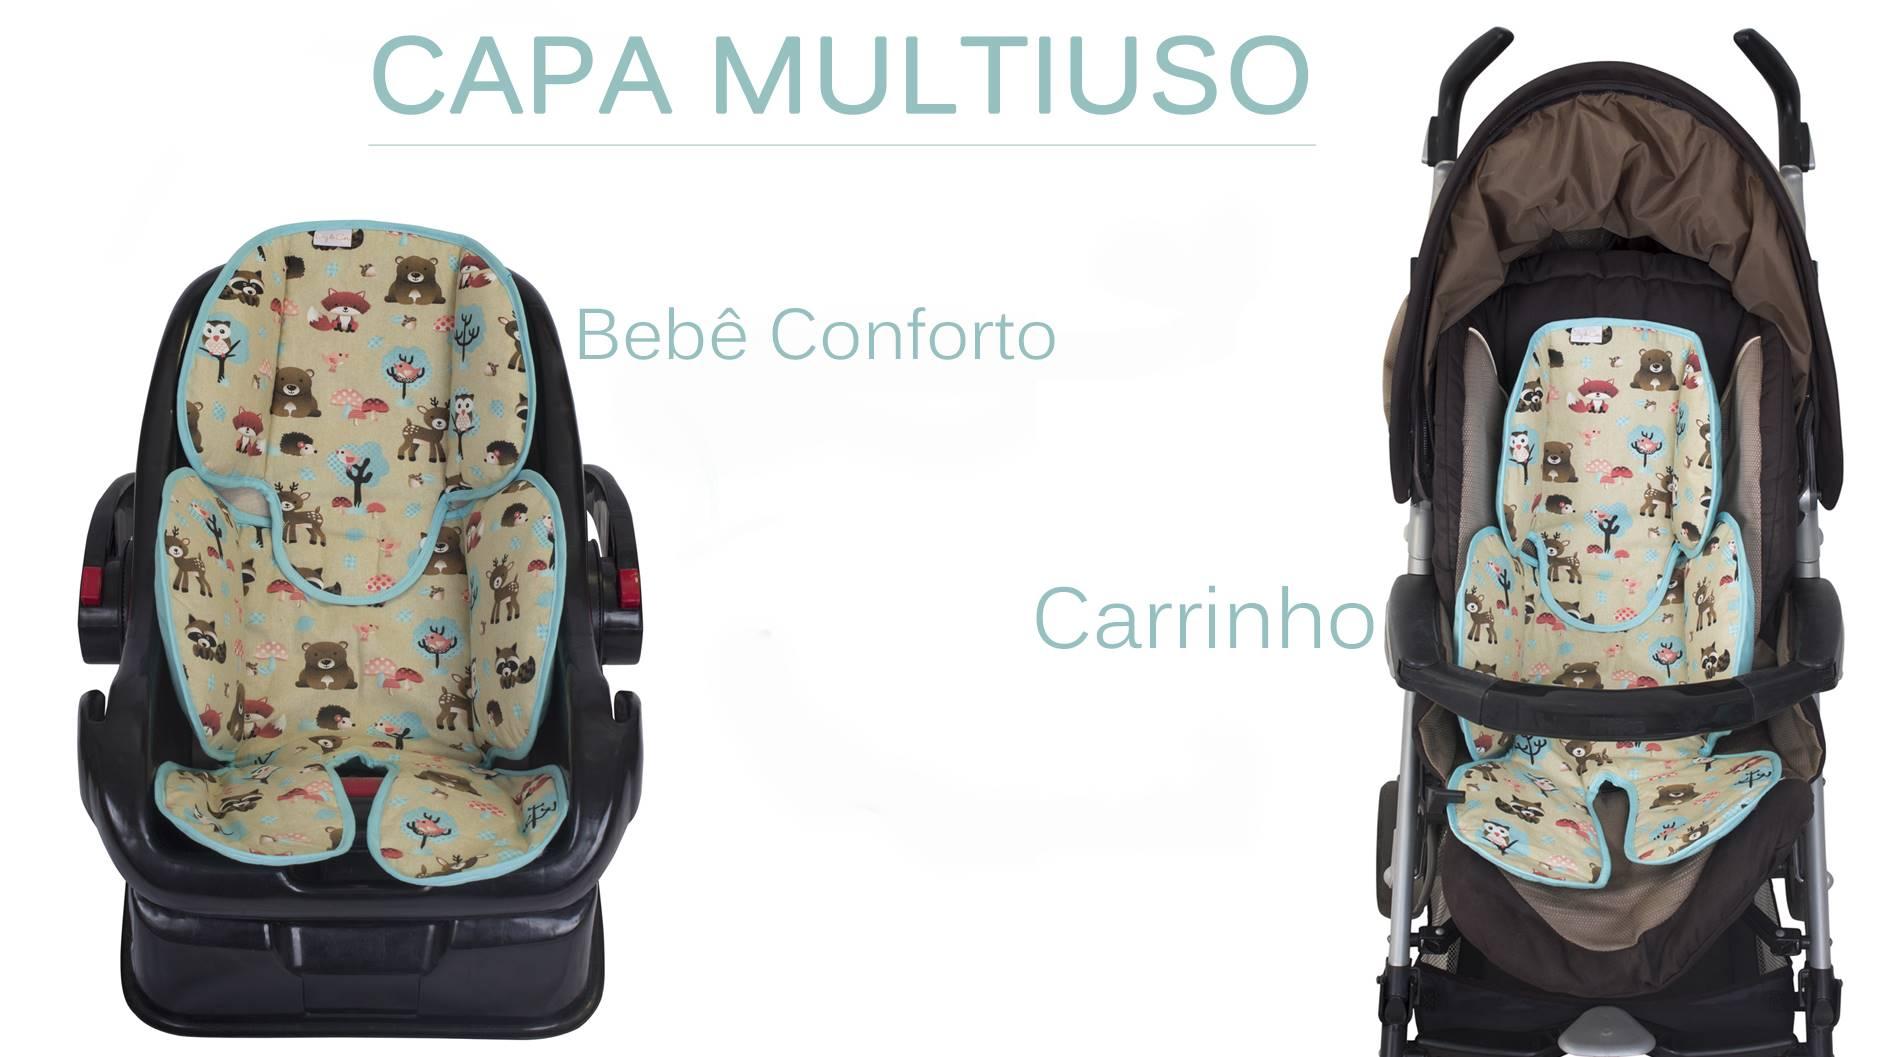 Redutor de Bebê Conforto e Carrinho Triângulo Marinho com Cáqui  - Toca do Bebê